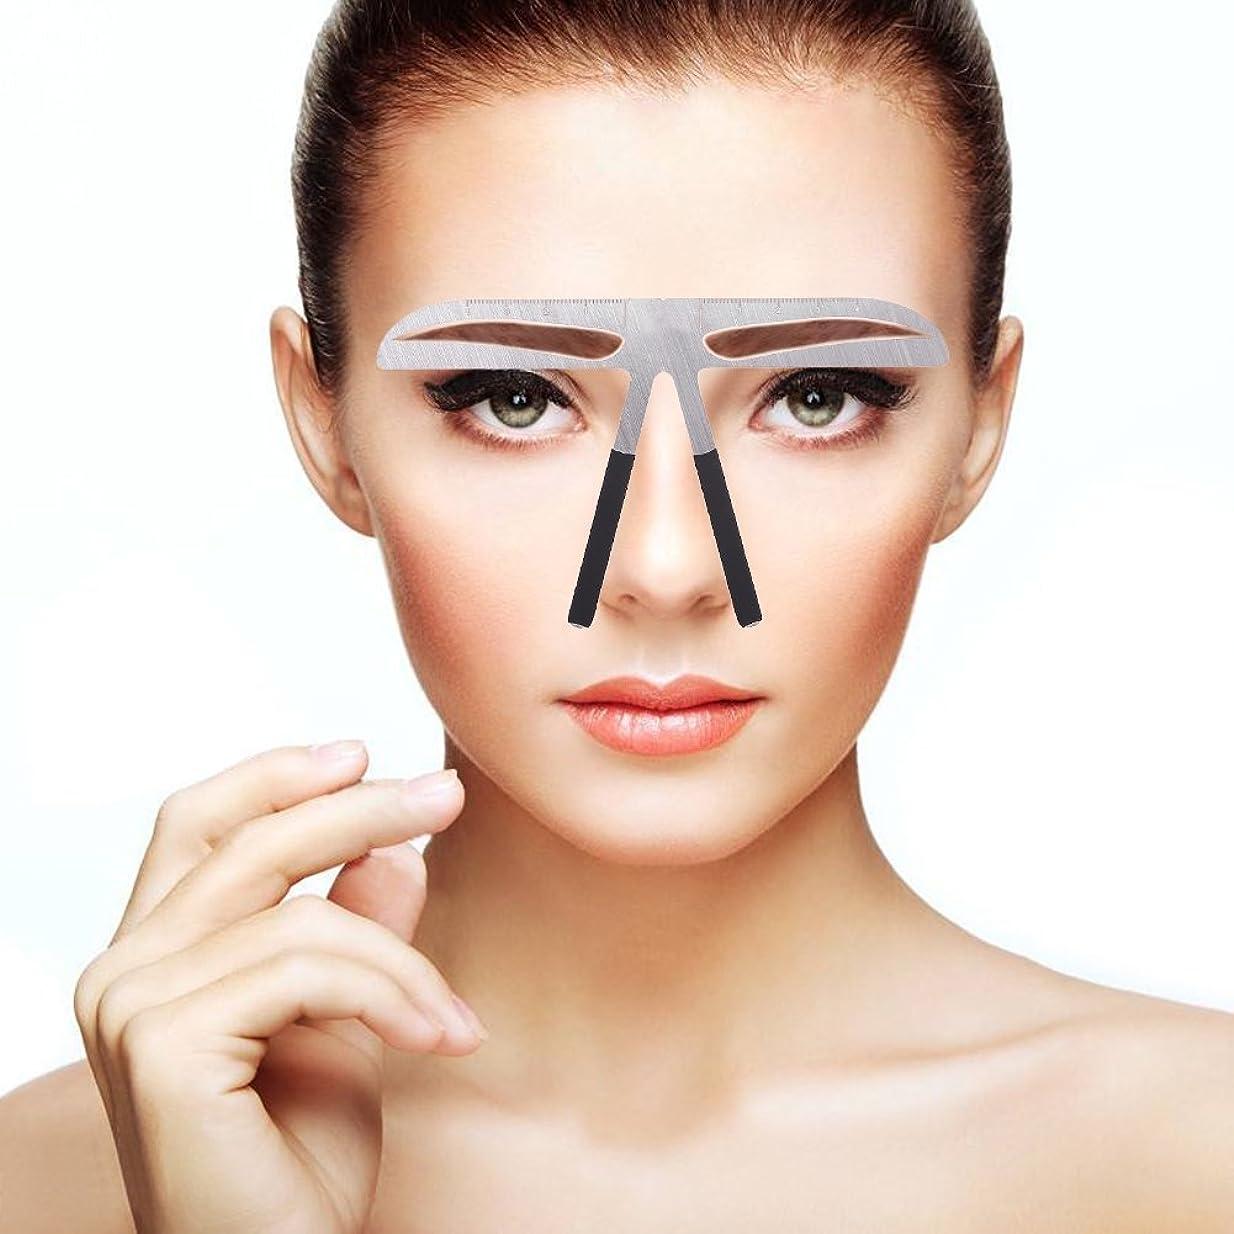 報復する不器用自信がある眉毛テンプレート 眉毛の定規 メイクアップ 美容ツール アイブローテンプレート アートメイク用定規 美容用 恒久化粧ツール 左右対称 位置決め (02)